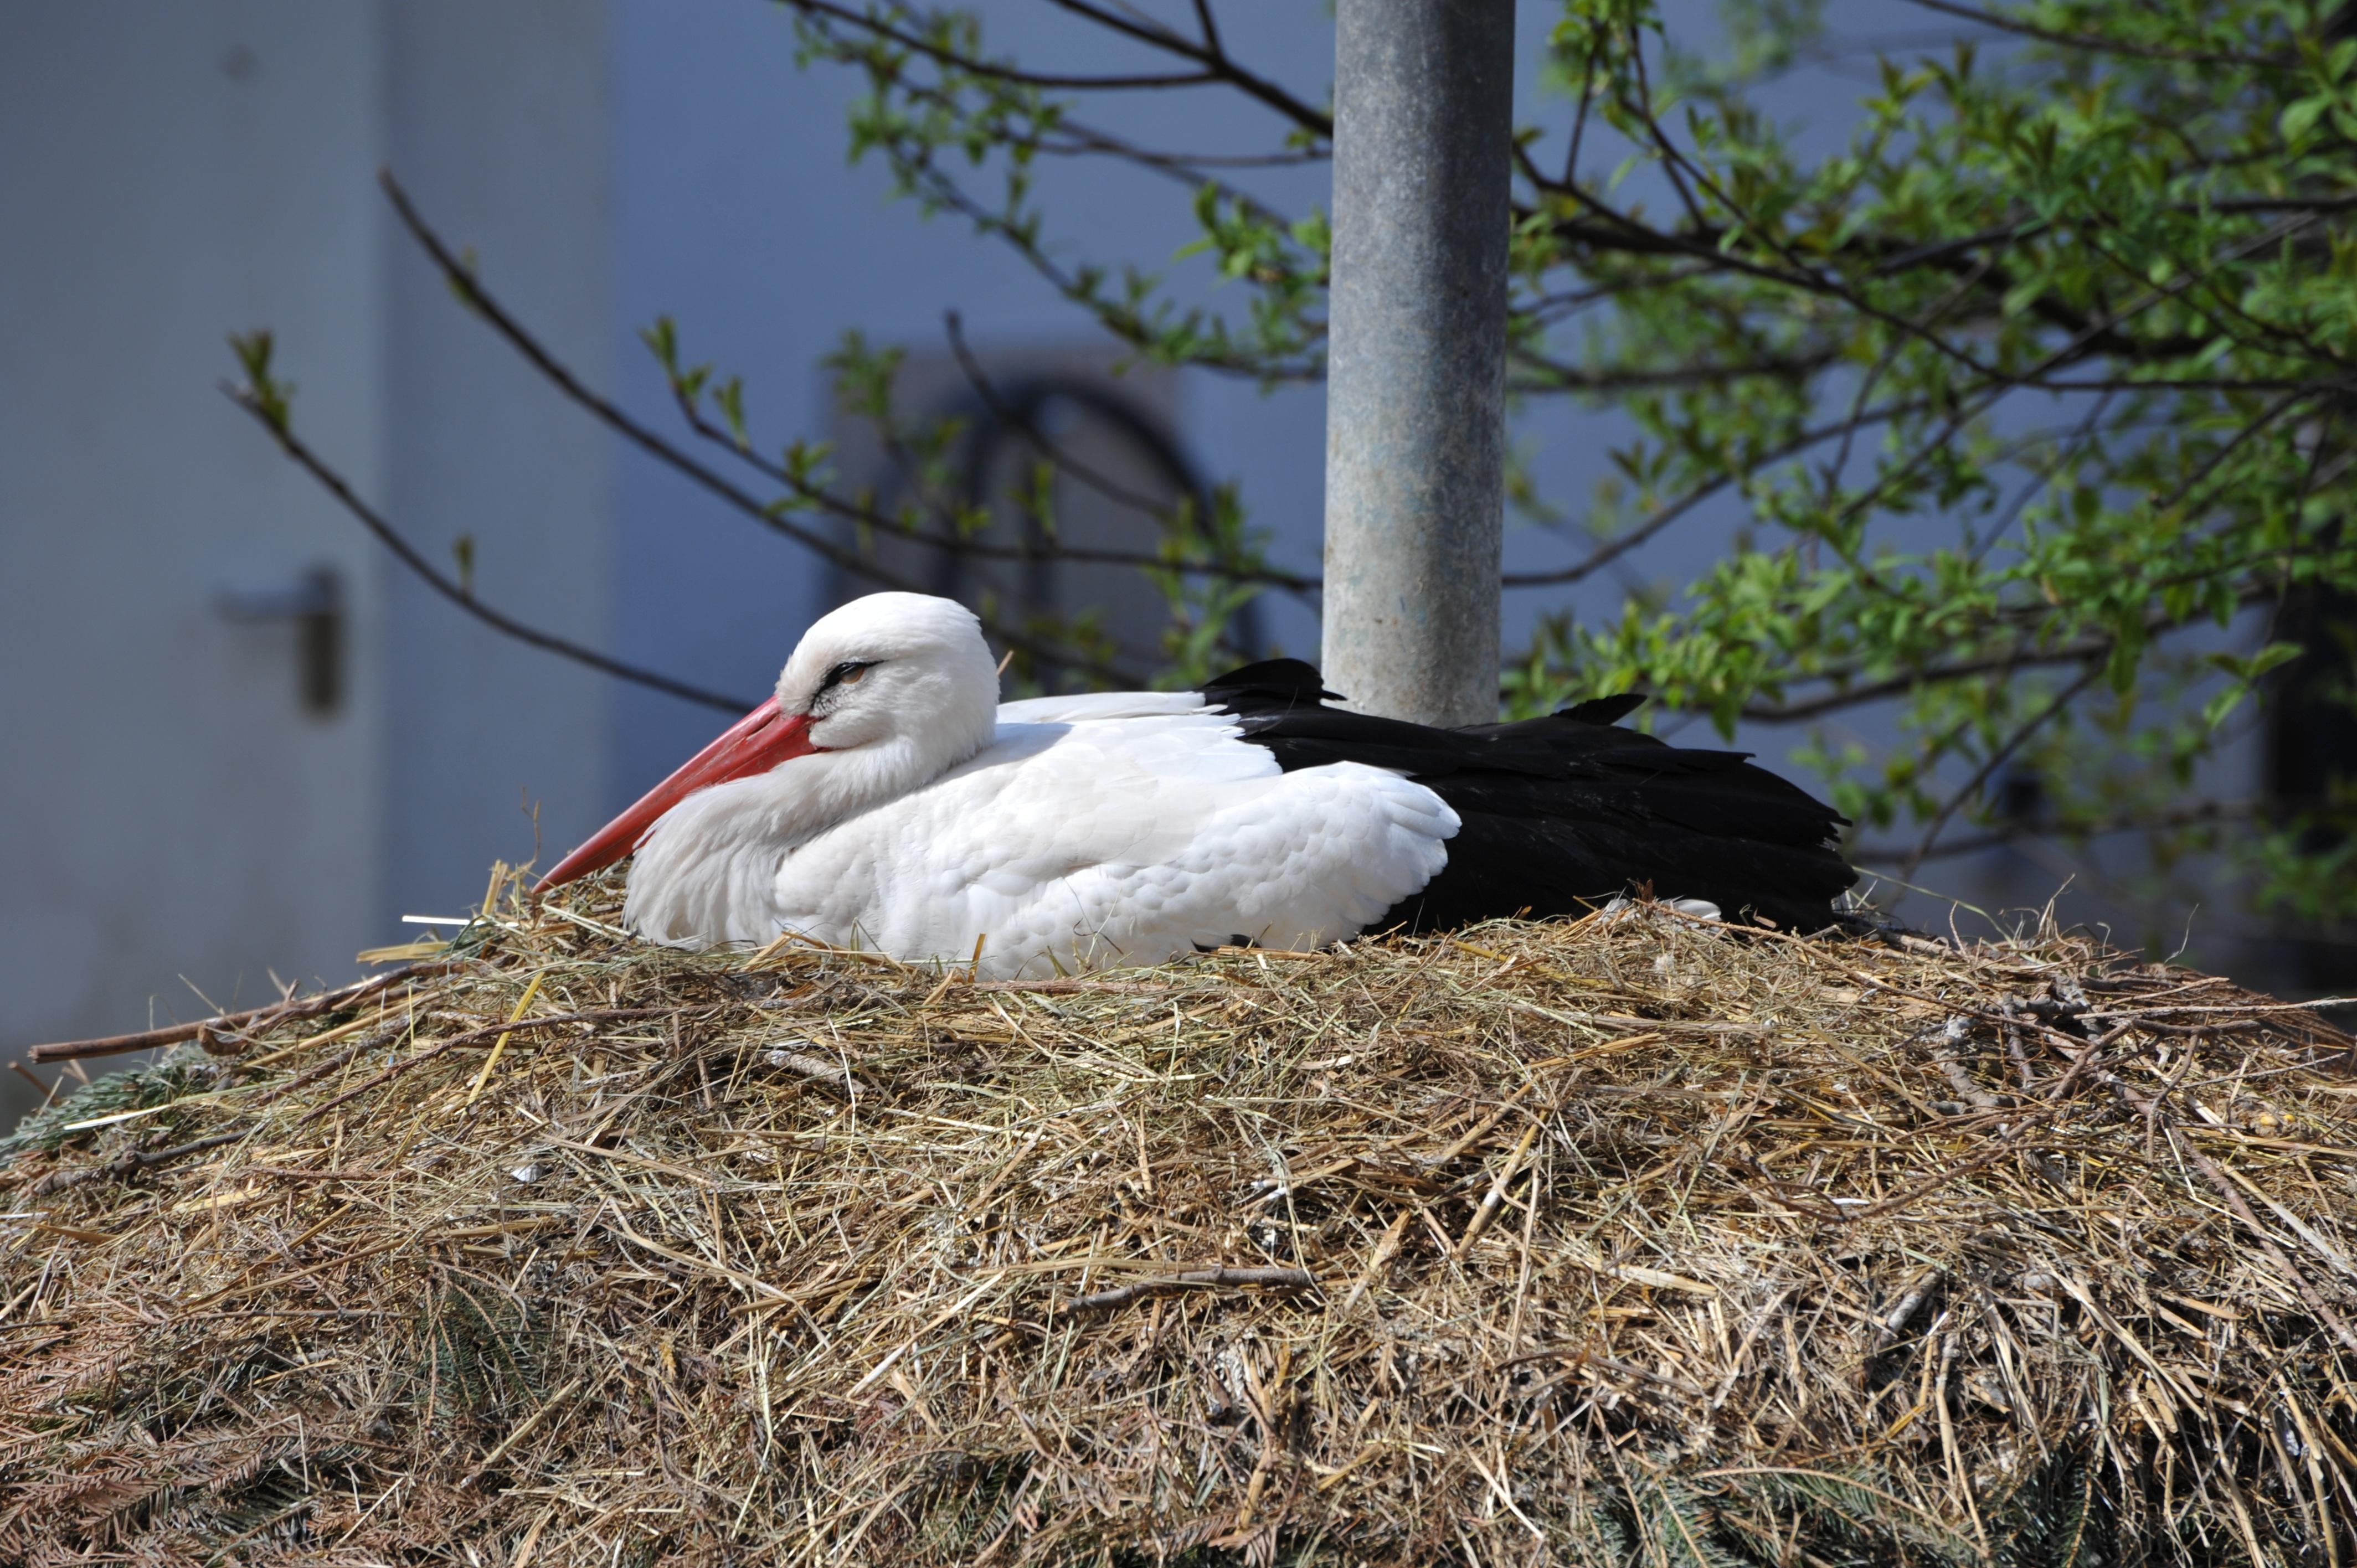 kostenlose foto baum vogel zoo schnabel storch vogelnest nest ruheplatz wei storch. Black Bedroom Furniture Sets. Home Design Ideas